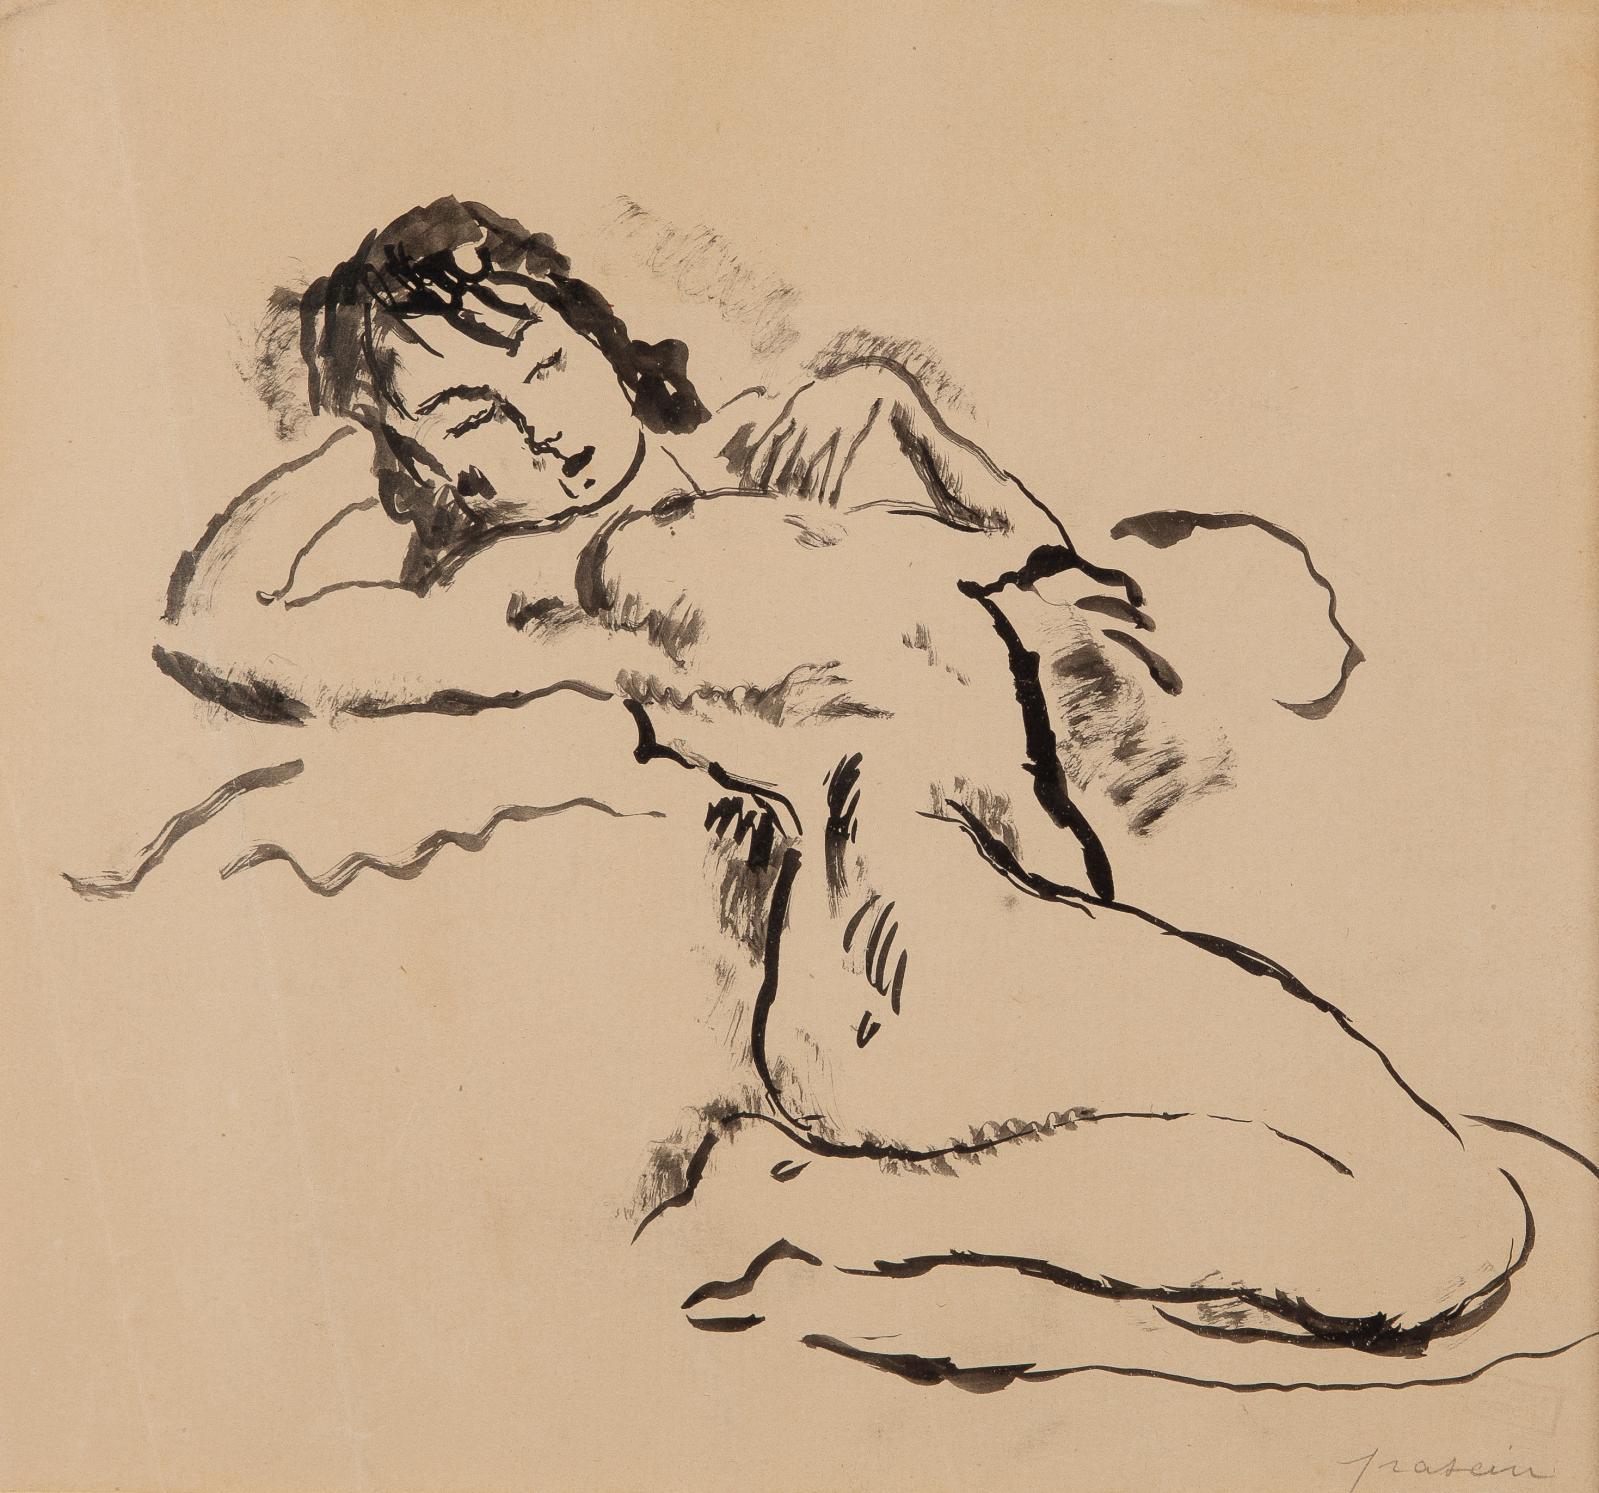 Jules Pascin (1885-1930), Jeune fille (Nu allongé, les jambes repliées), Paris 1925, encre et lavis, 22 x 23,5 cm. Estimation: 300/400 €